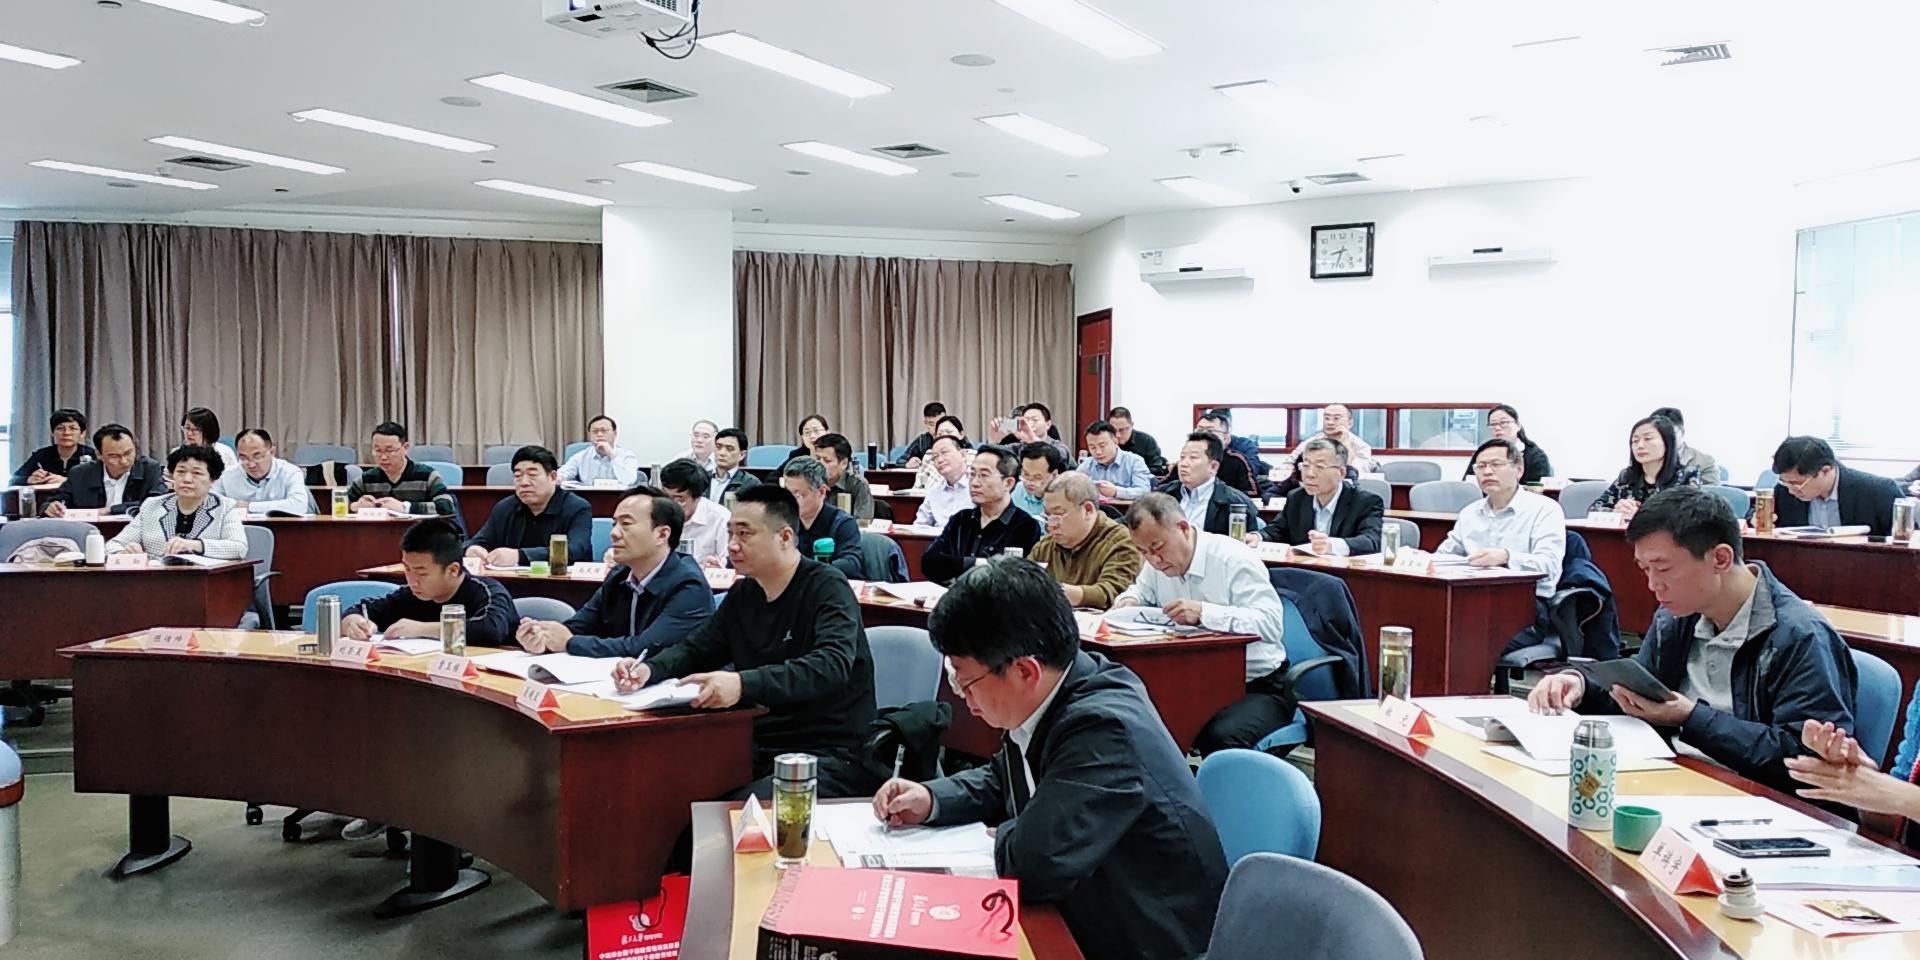 【复旦大学干部培训】泰安市全域旅游专题培训班顺利举办